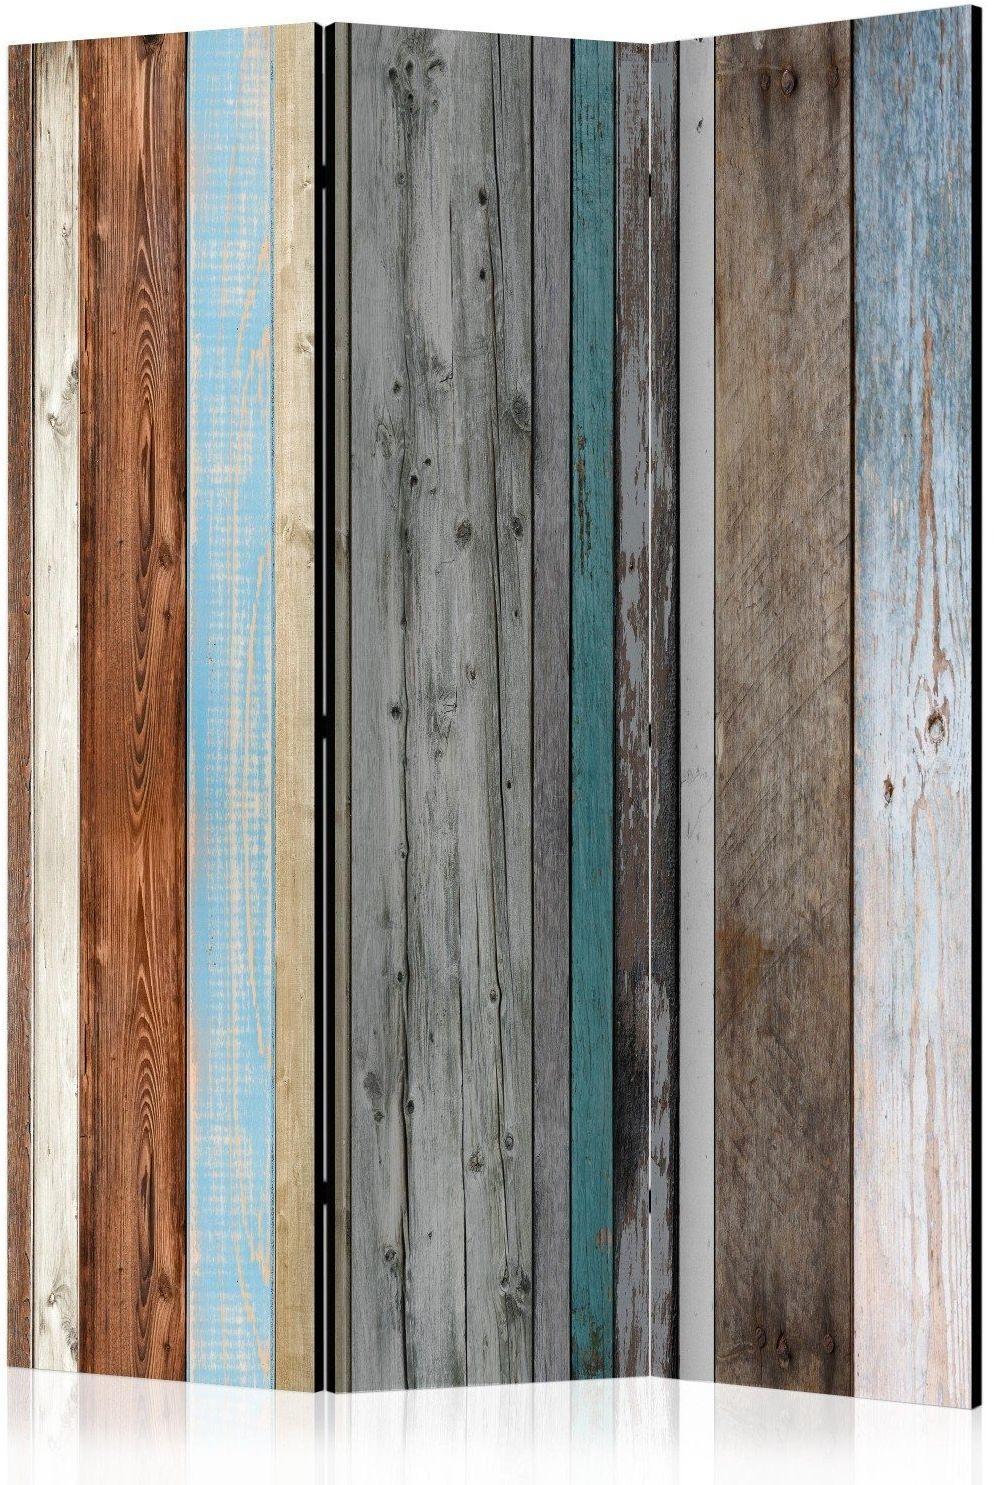 Parawan 3-częściowy - ułożone kolory [room dividers]